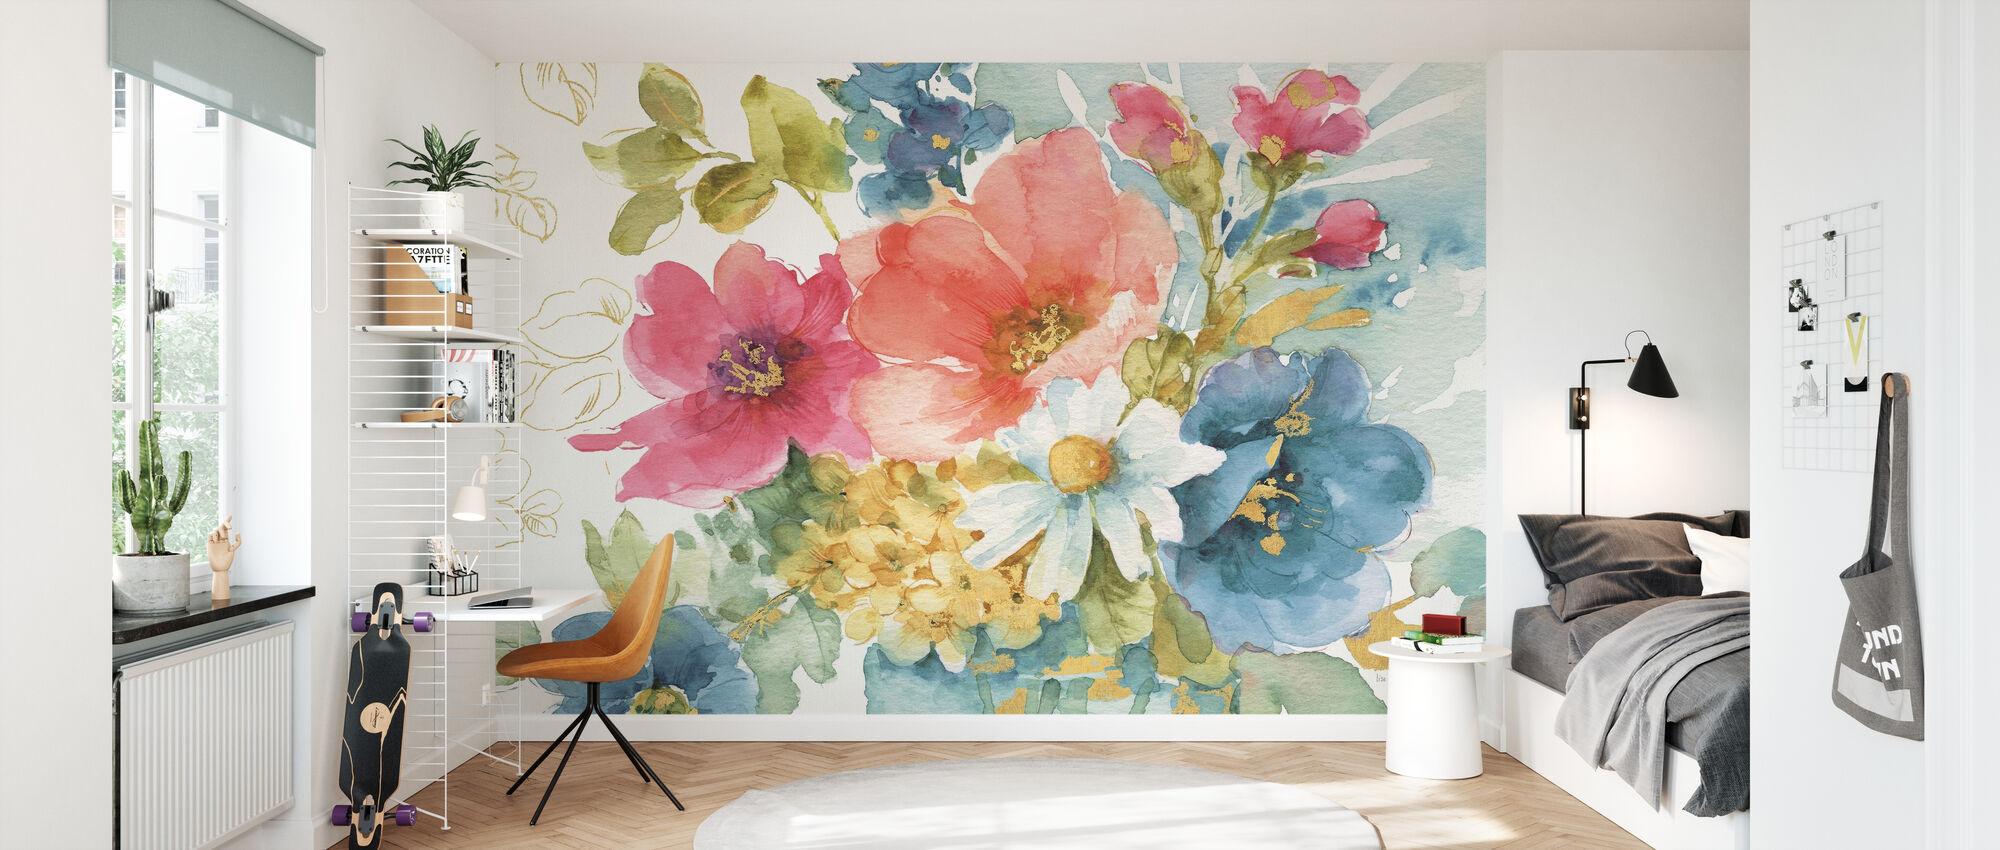 My Garden Bouquet I - Wallpaper - Kids Room